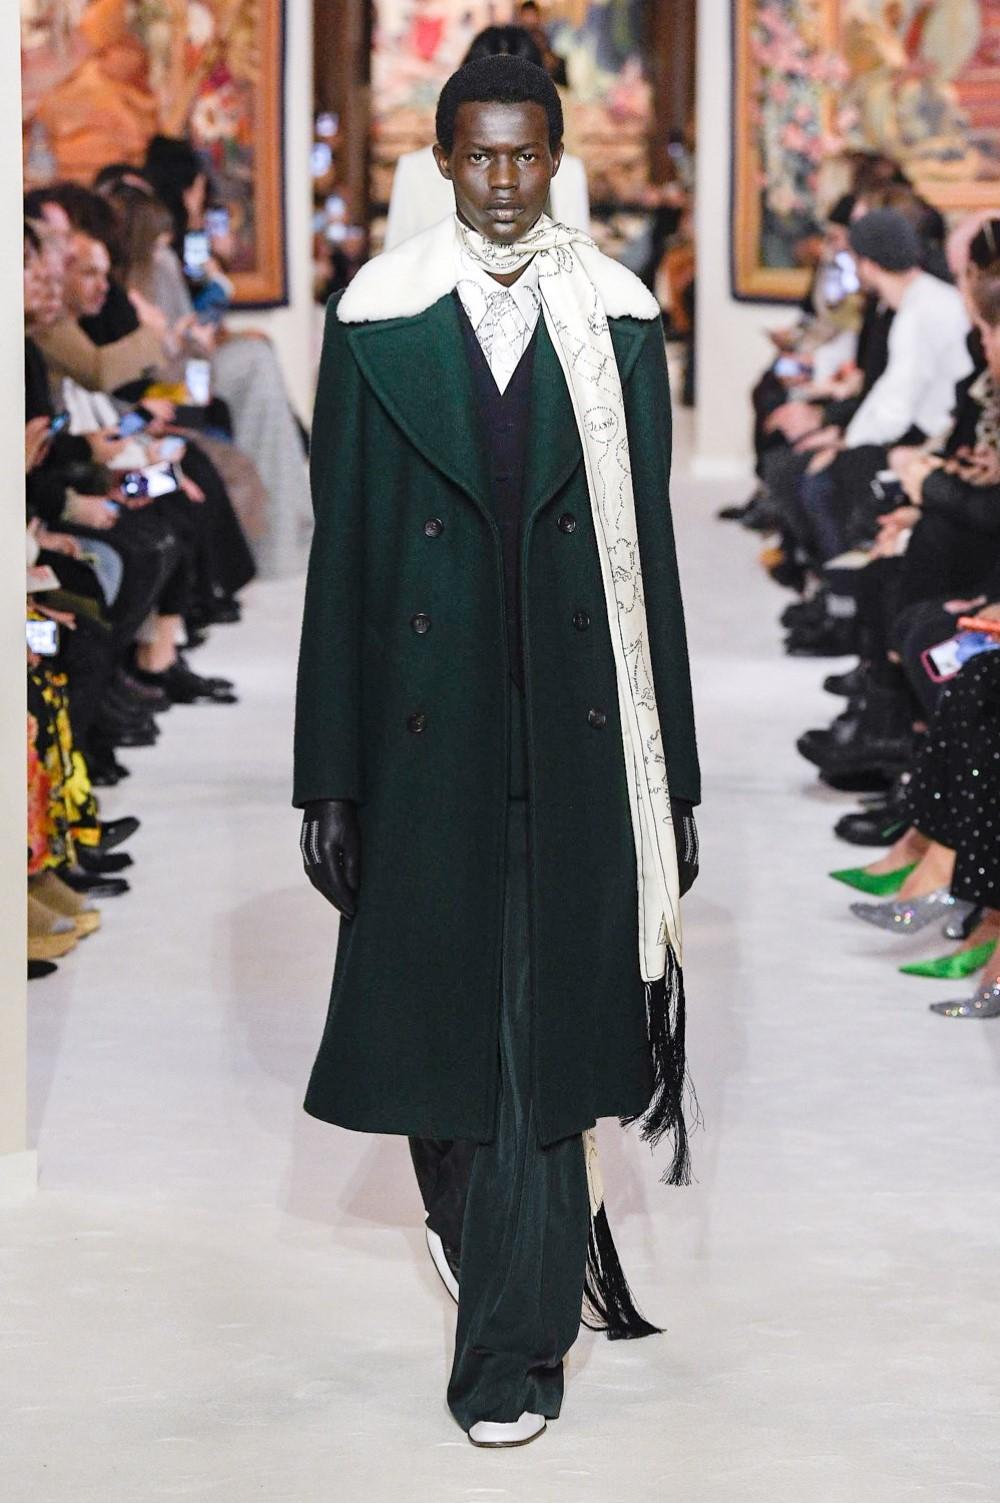 Lanvin Automne Hiver 2020 2021 Paris Fashion Week 3 1